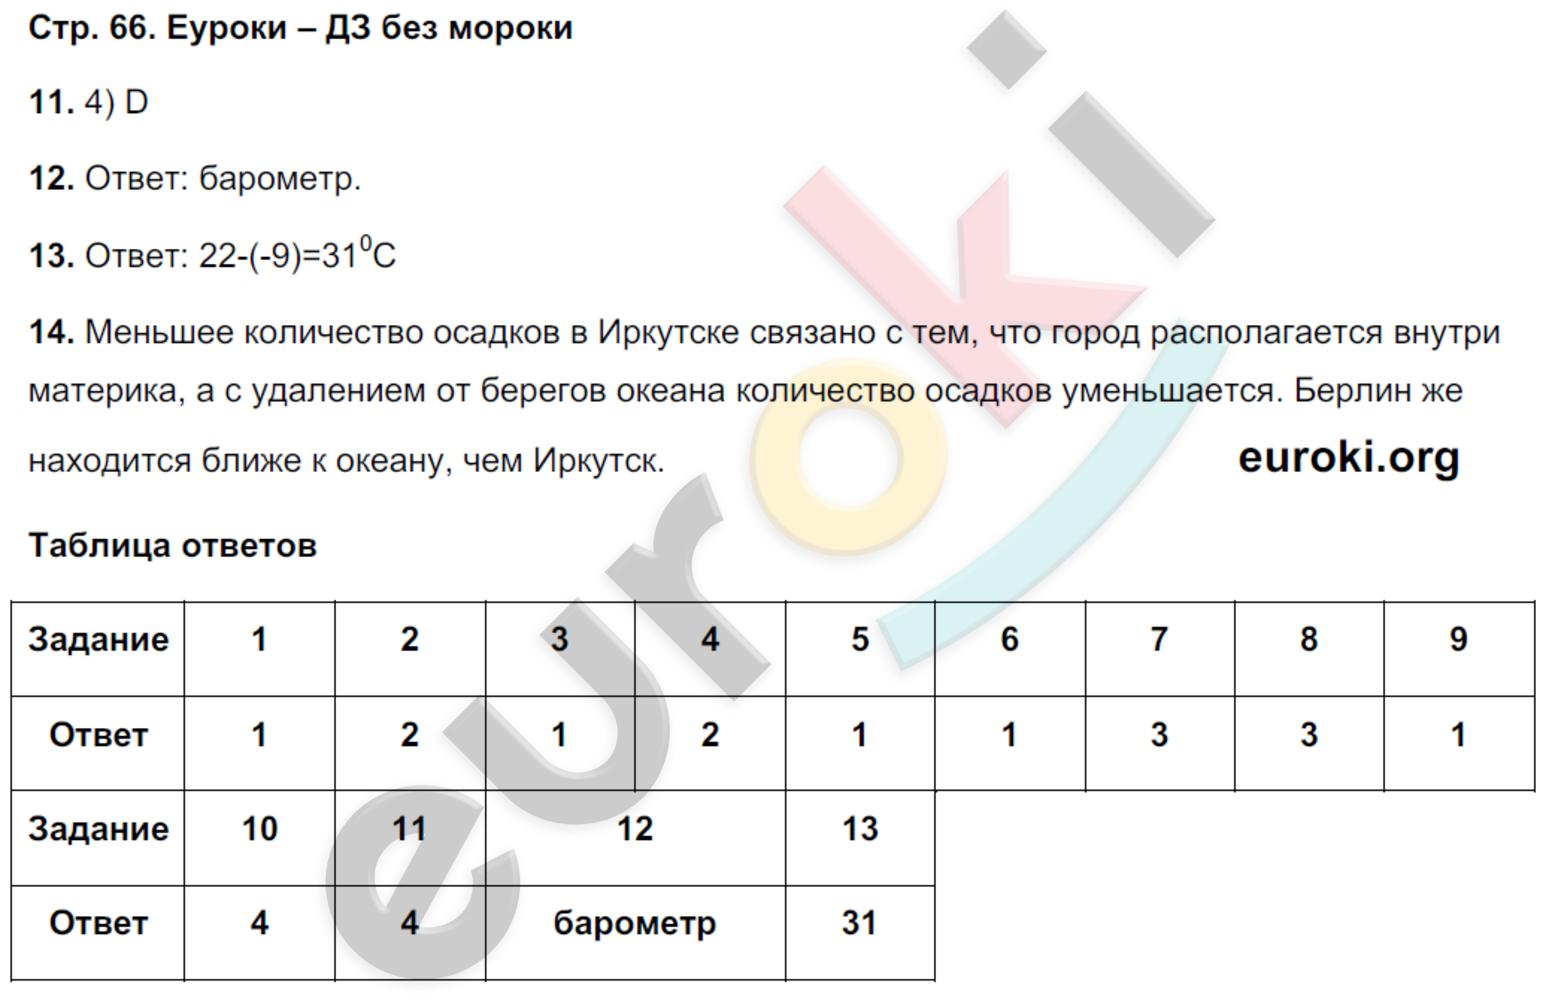 ГДЗ по географии 5 класс тетрадь экзаменатор Барабанов. Задание: стр. 66